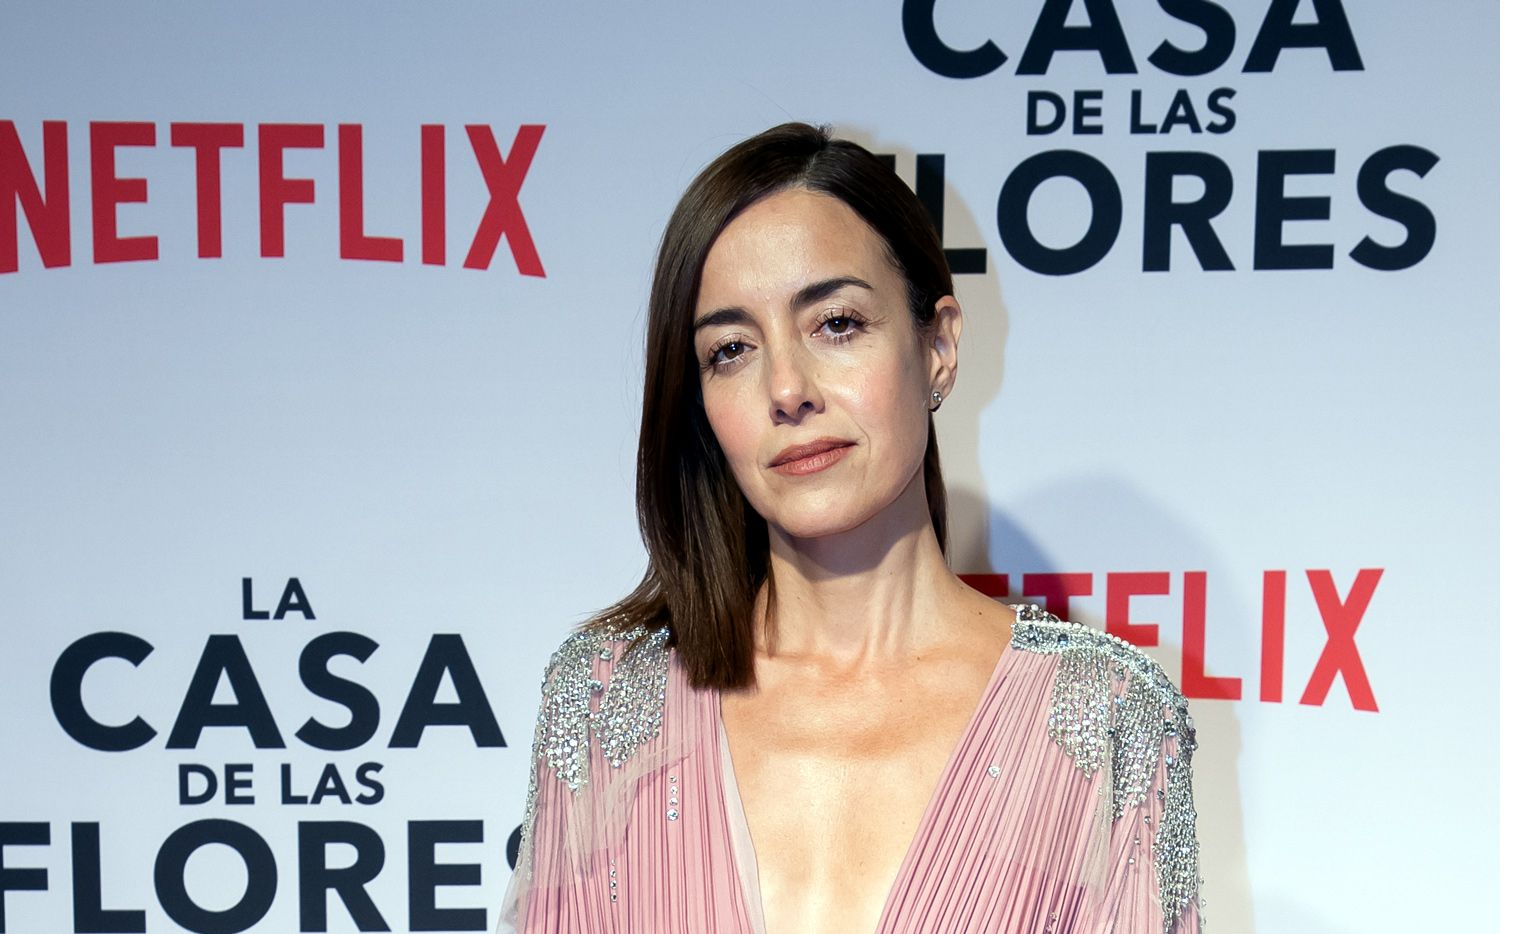 """El modo de hablar de Paulina de la Mora (Cecilia Suárez) en """"La Casa de las Flores"""" se ha convertido en trending topic y dio pie a un reto para imitarla en redes sociales."""